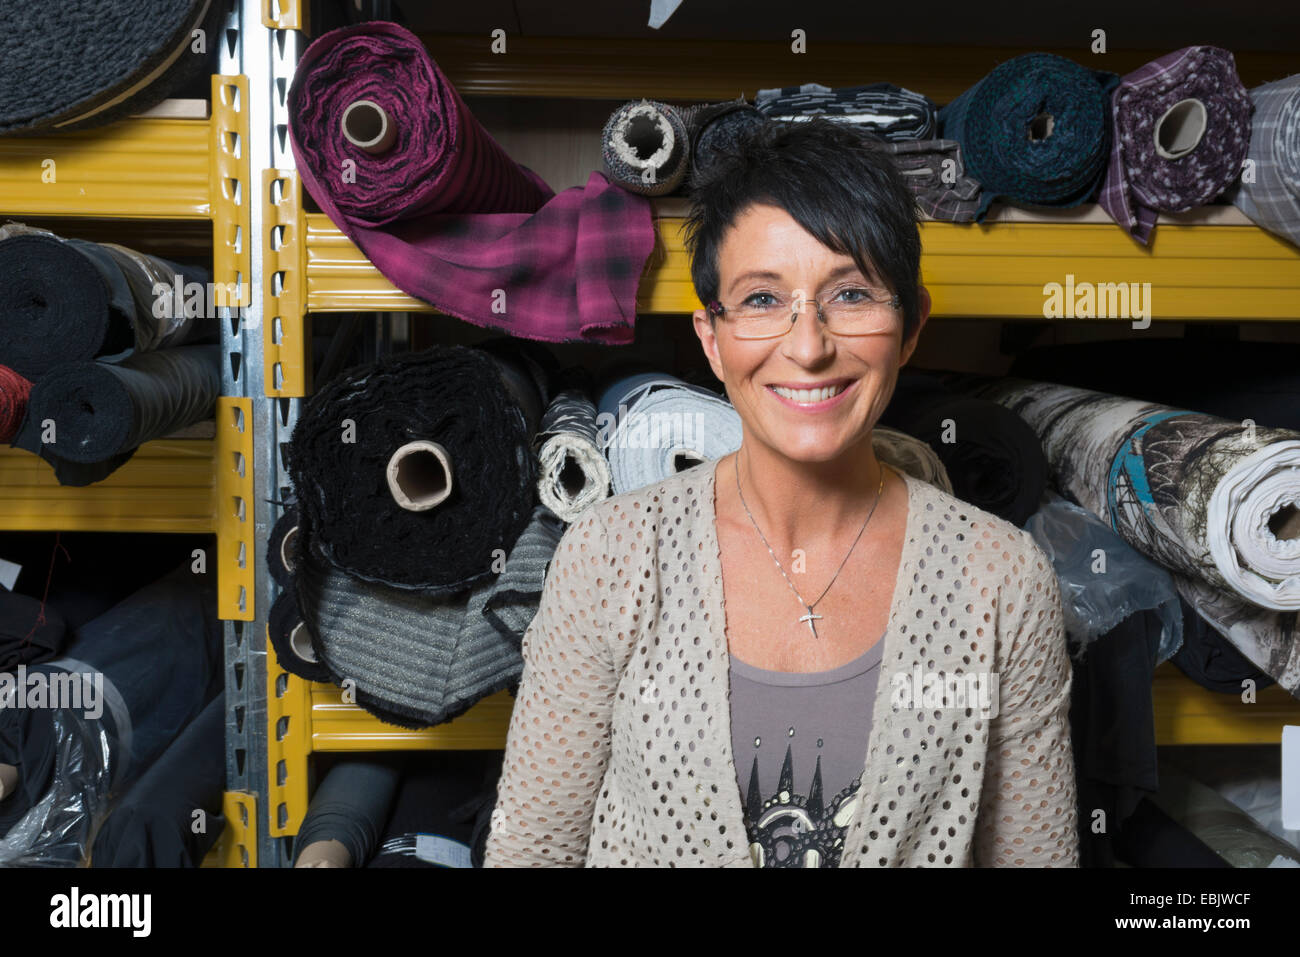 Porträt von Reifen Näherin vor Rollen Textil in Werkstatt Stockbild